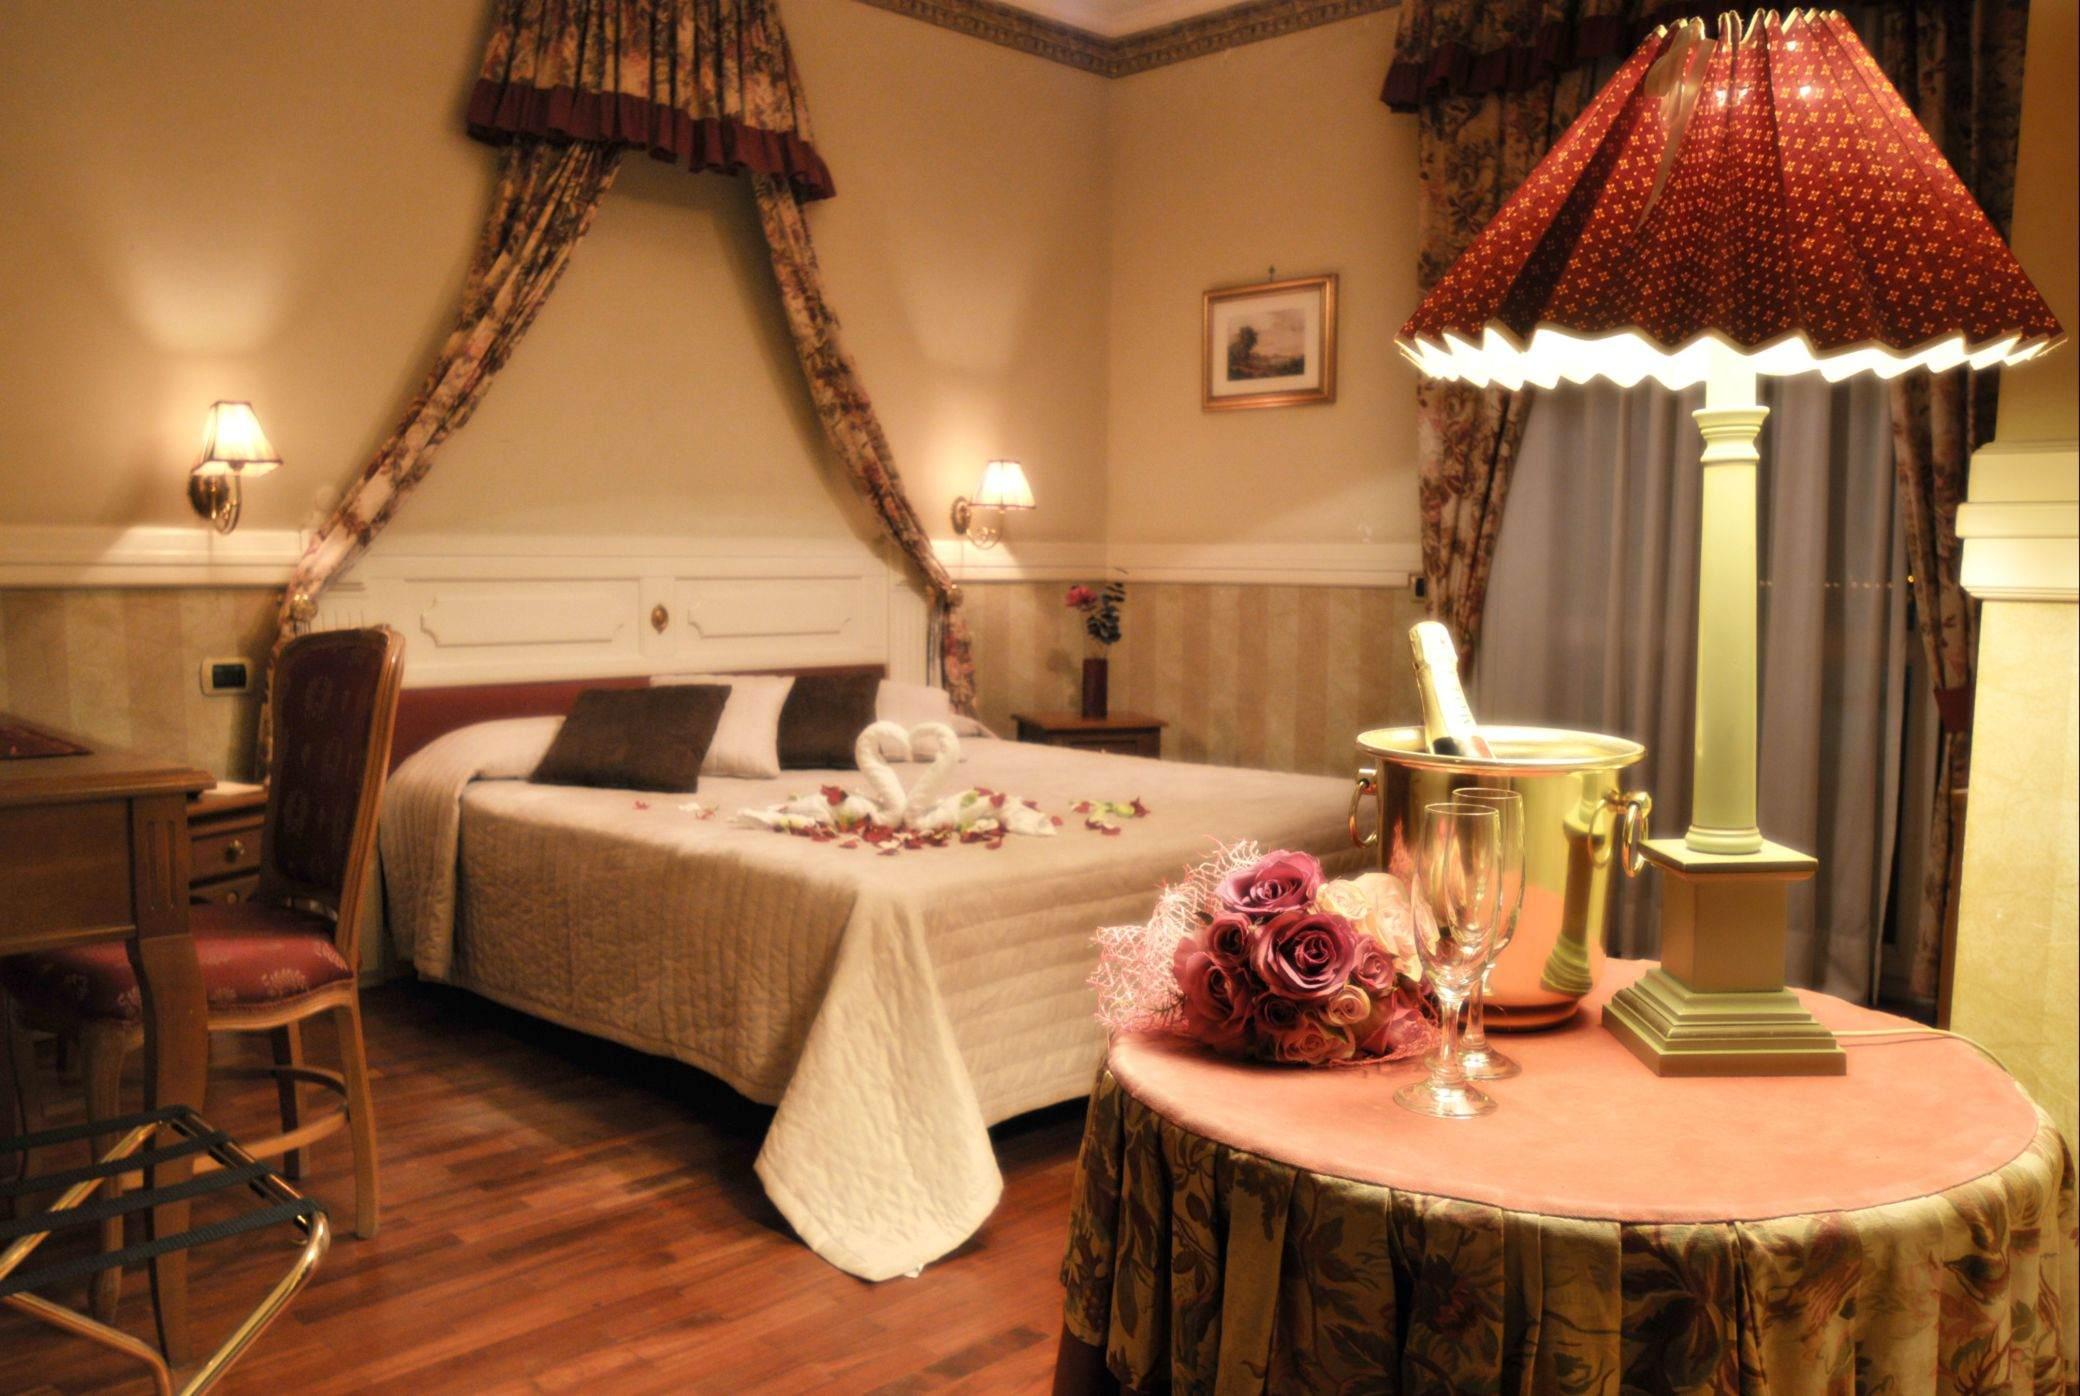 Hotel romantico Bacoli Napoli | Camere romantiche con vista ...